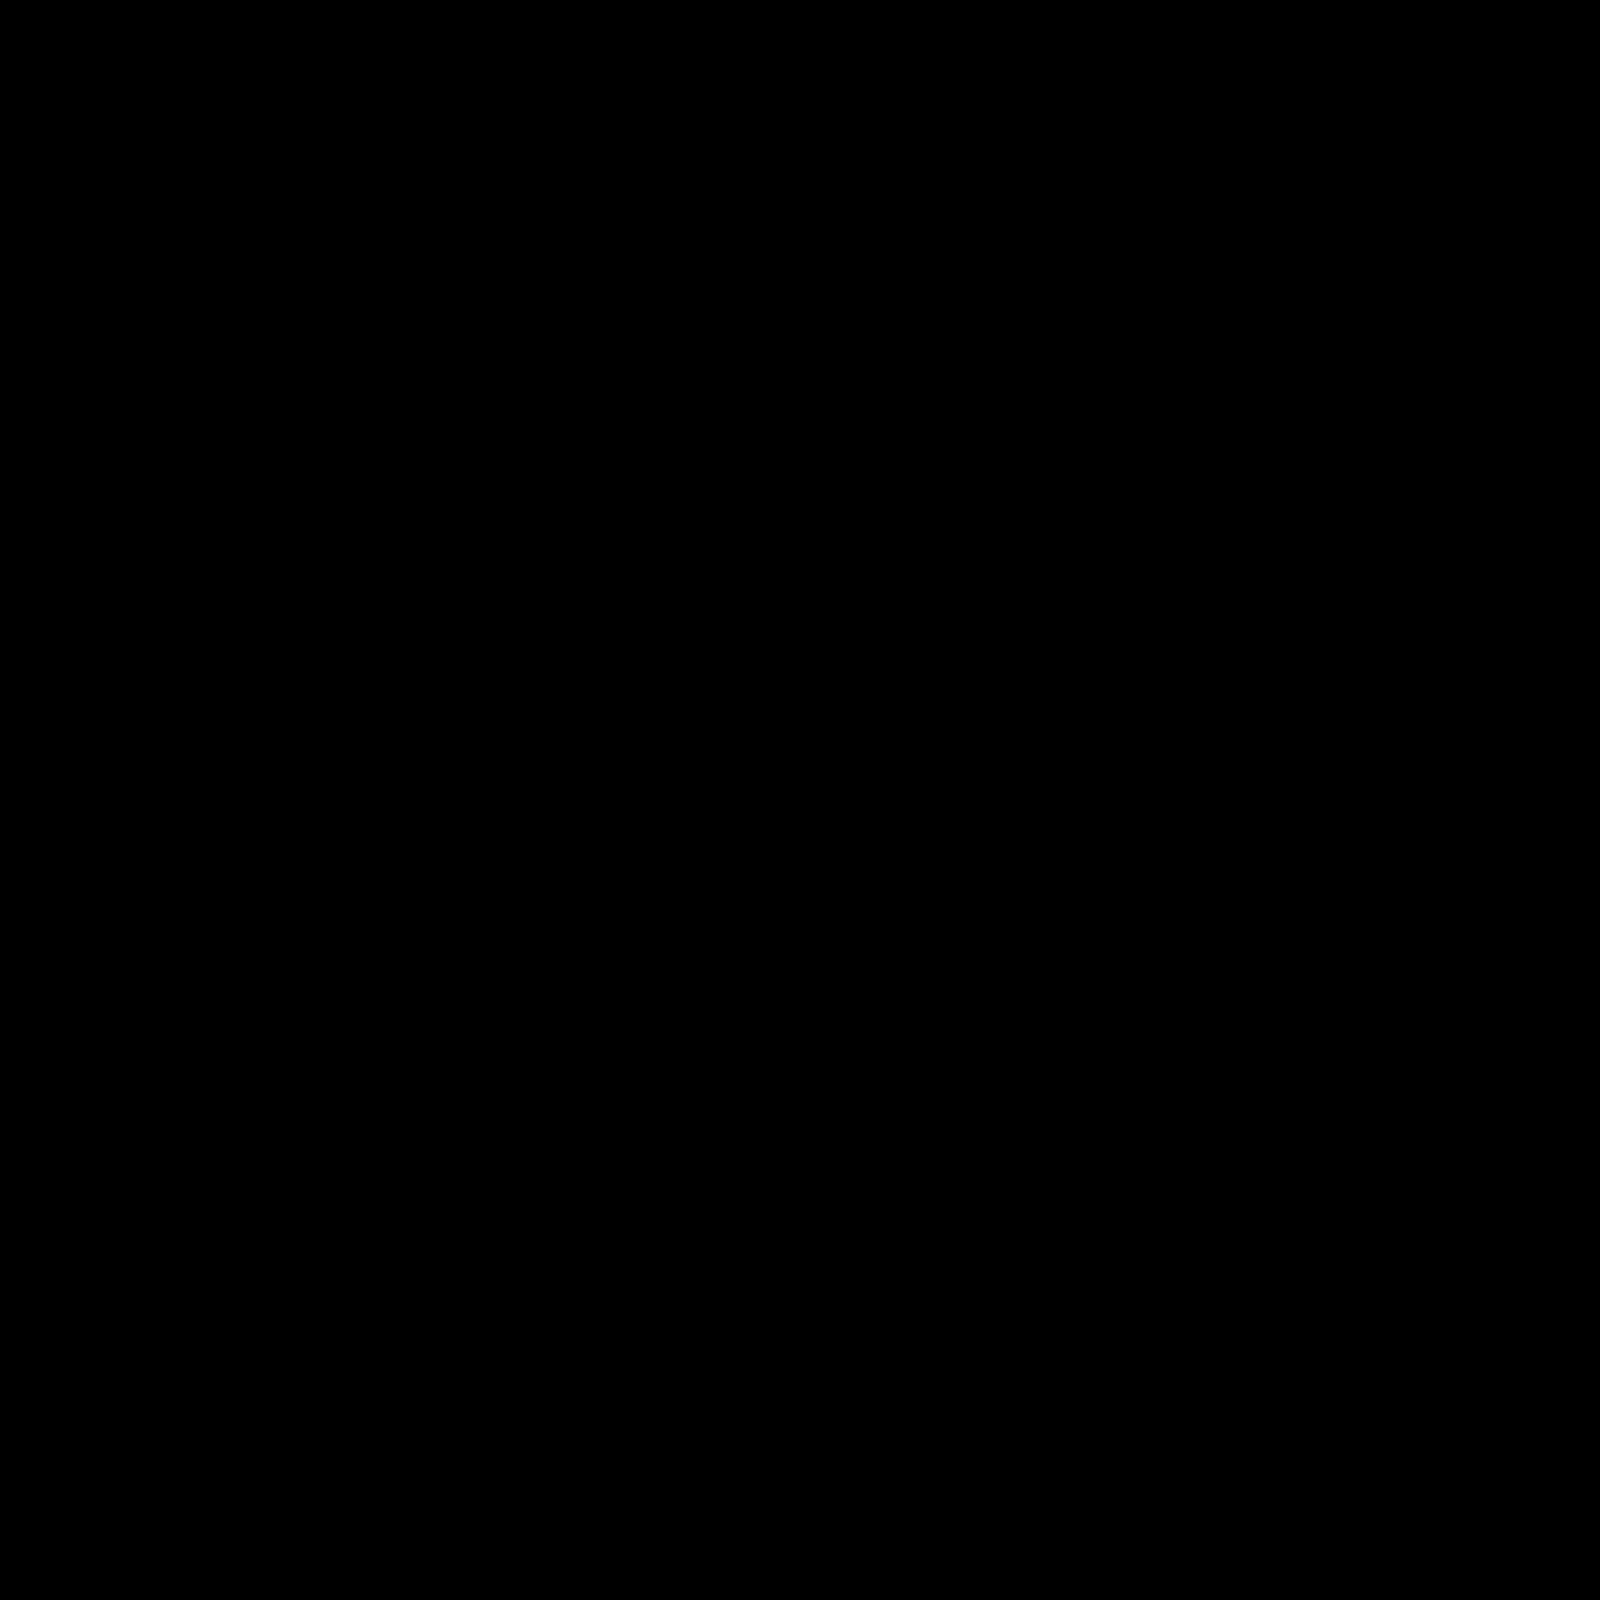 Głośność dzwonka icon